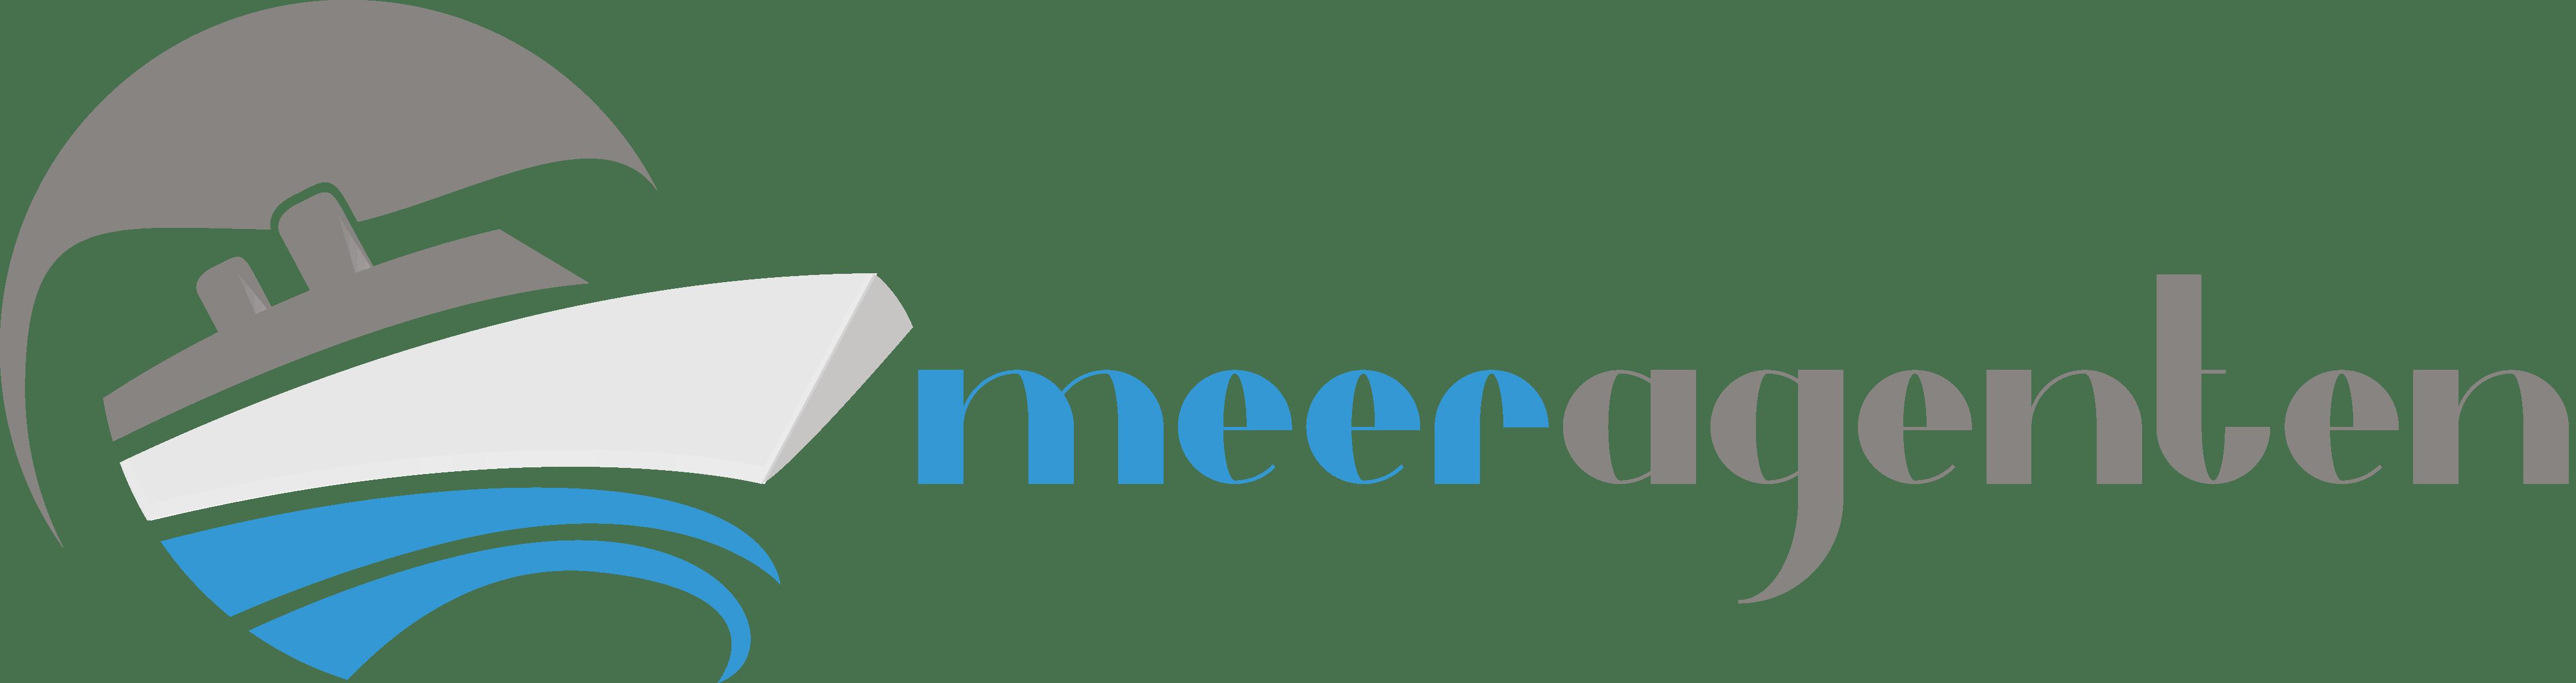 meeragenten logo groß- Künstlervermittlung meeragenten